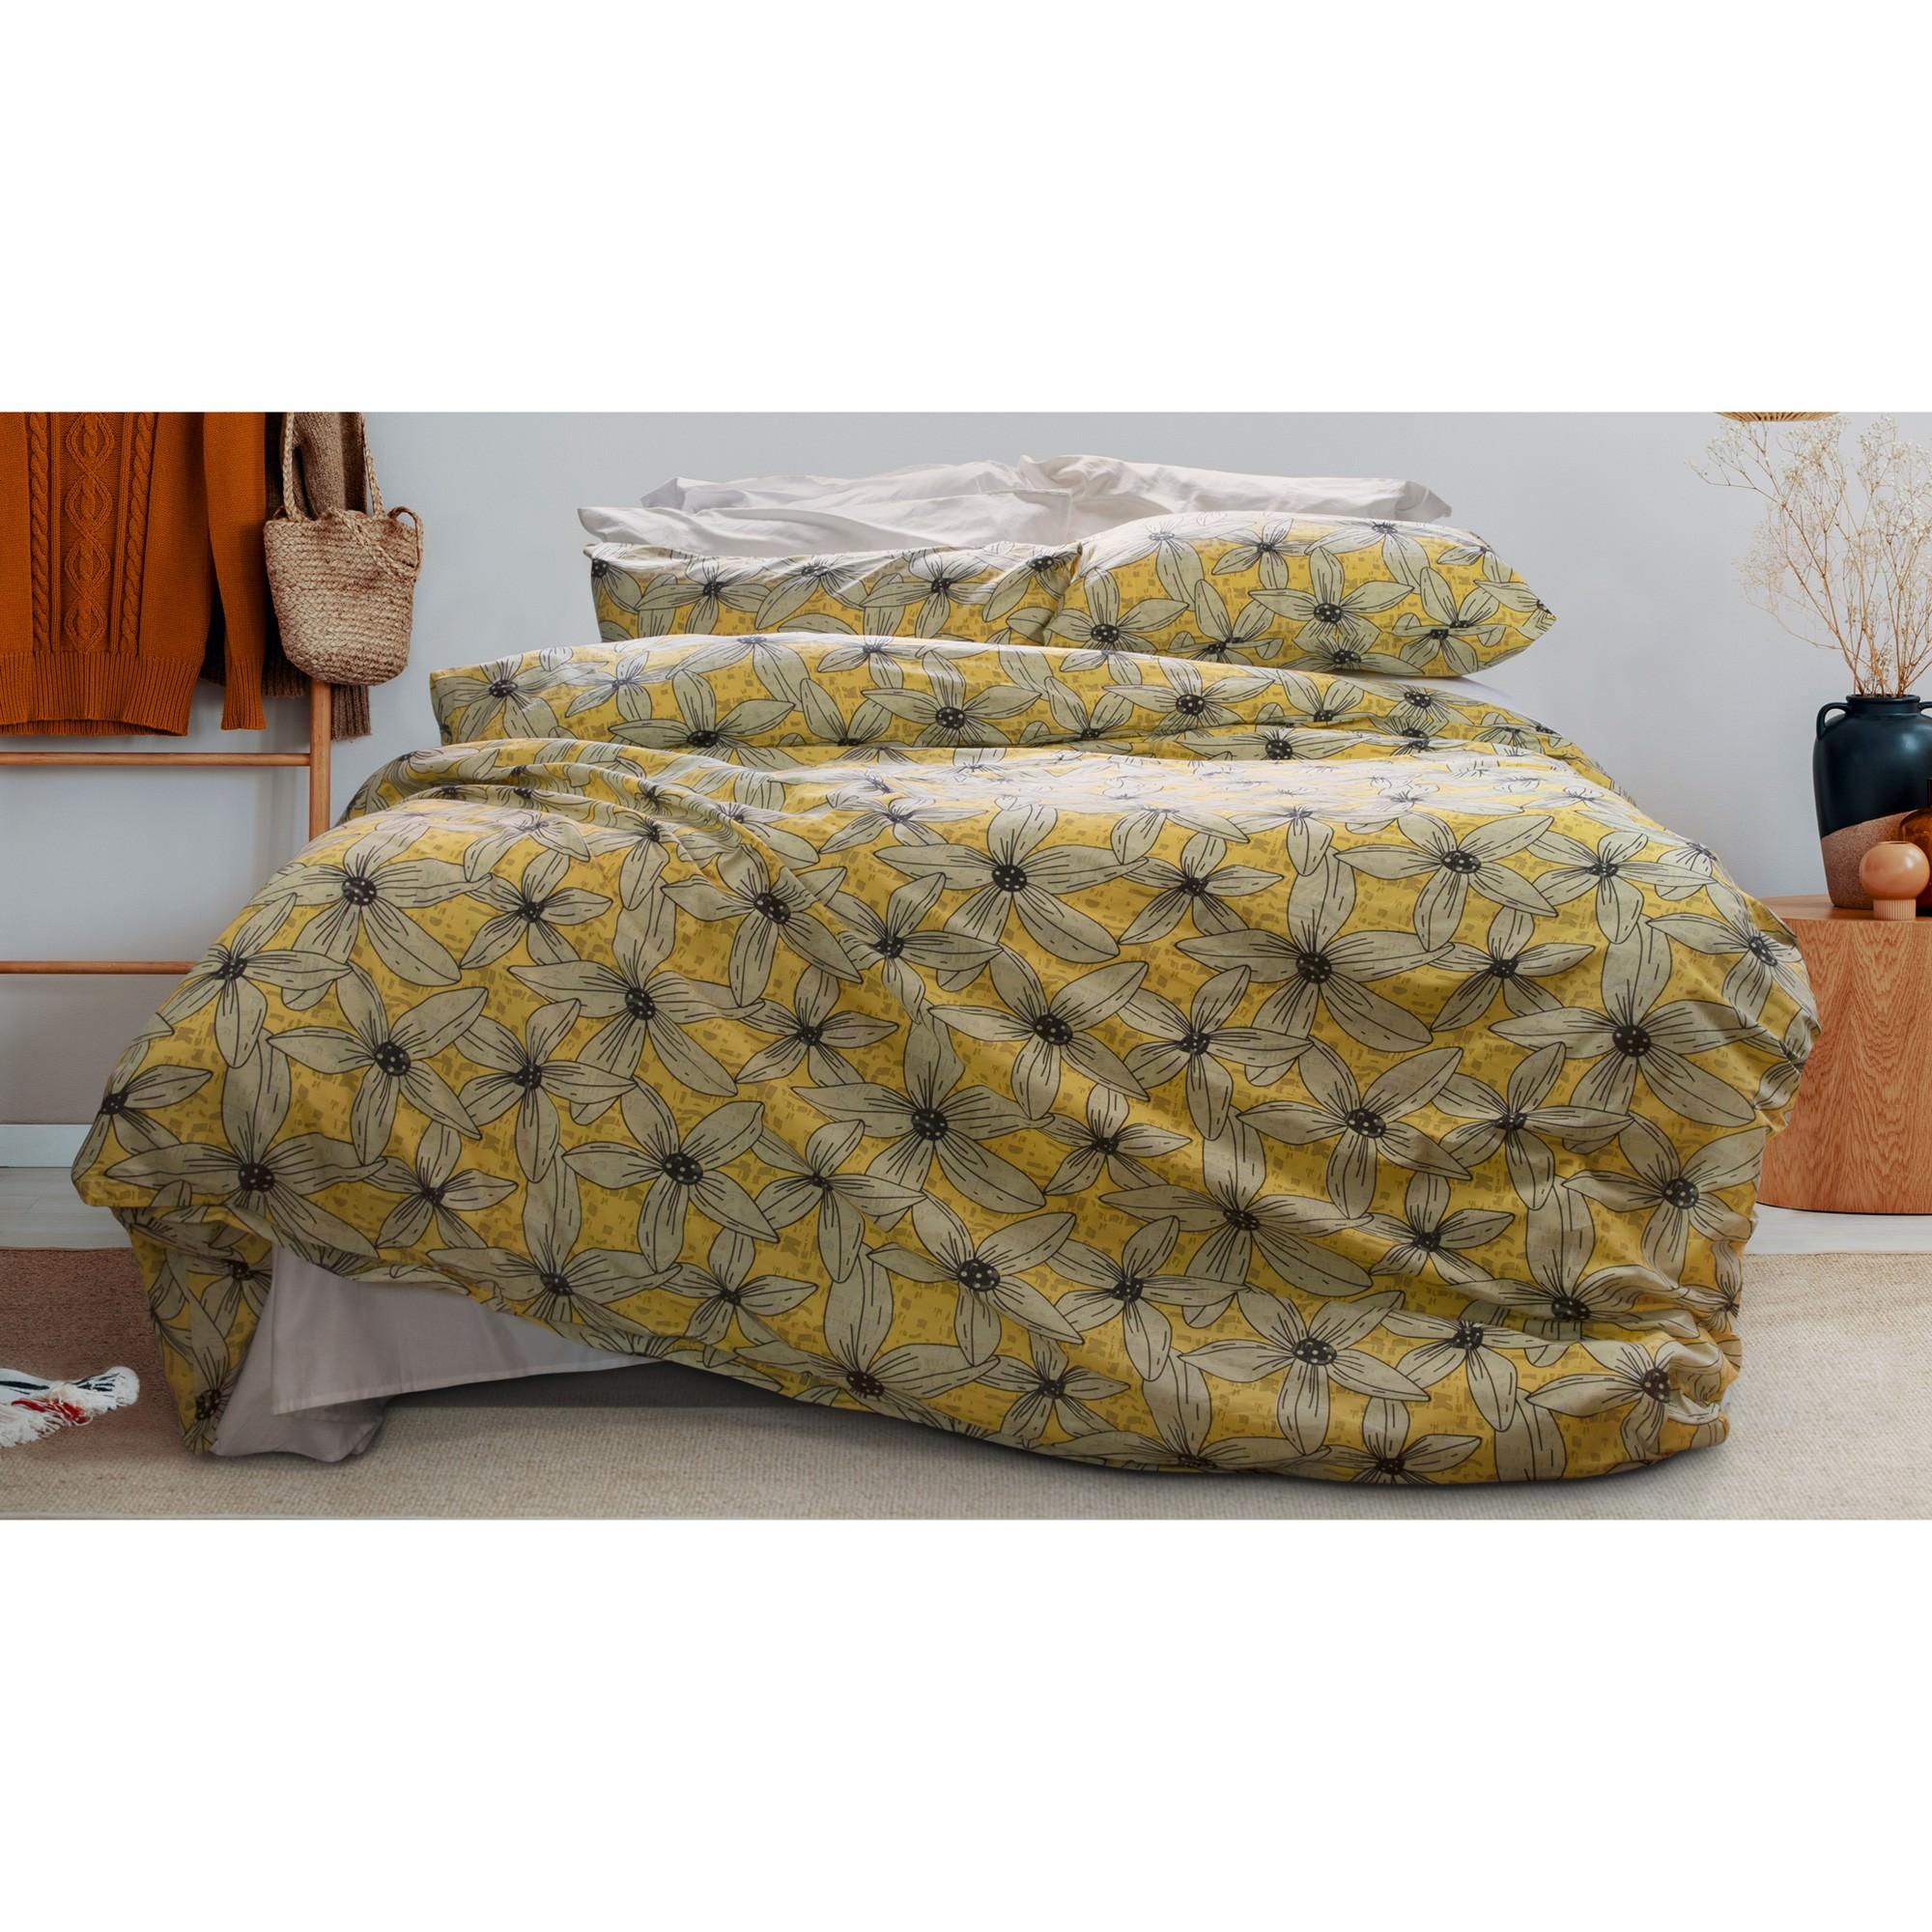 Lumiosa 2 Piece Cotton Quilt Cover Set, Single